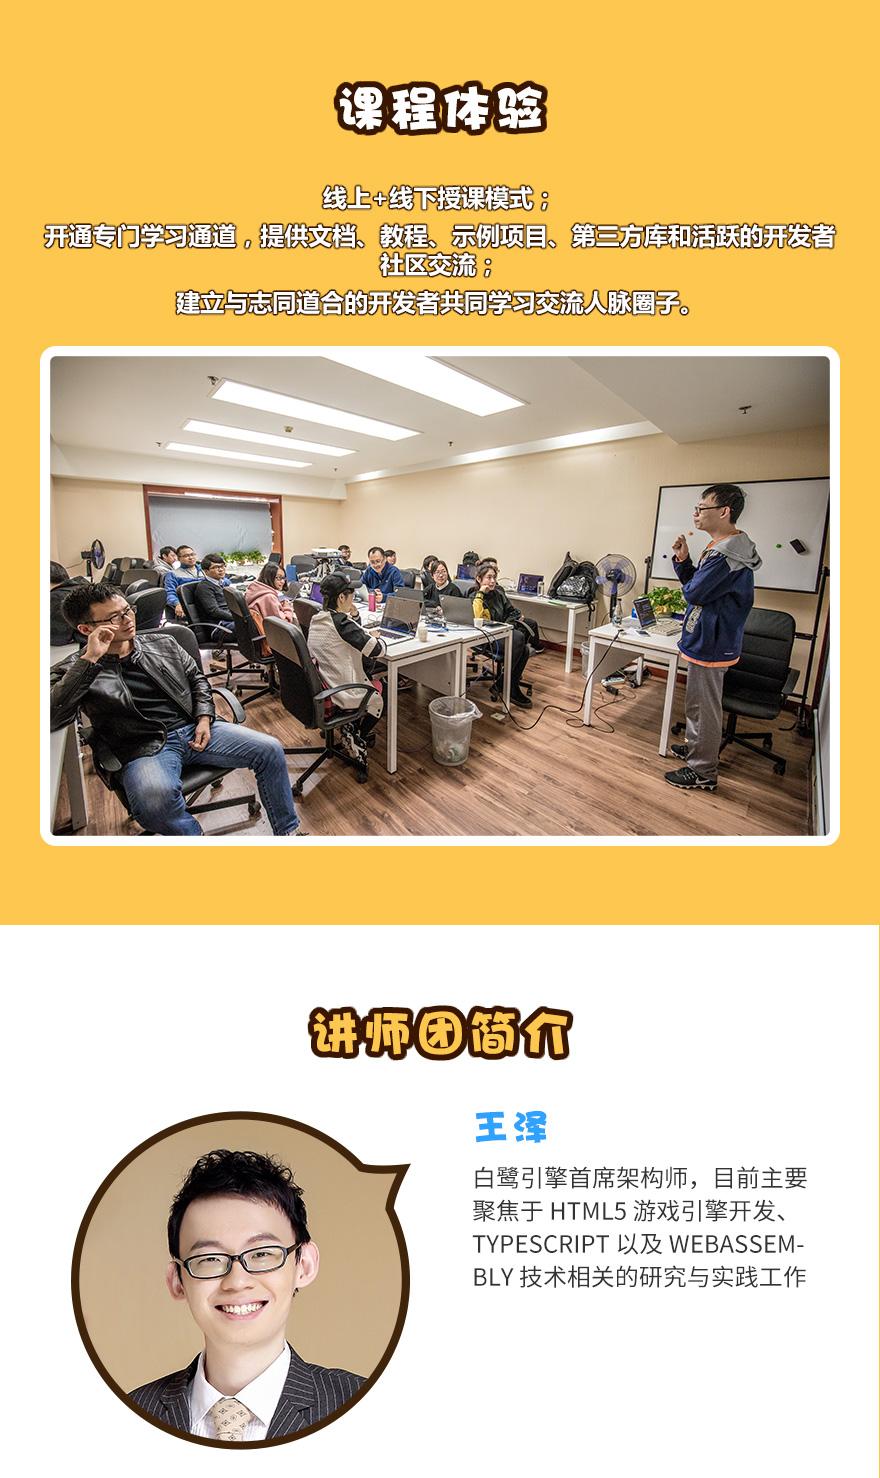 網課平台簡介_02.jpg